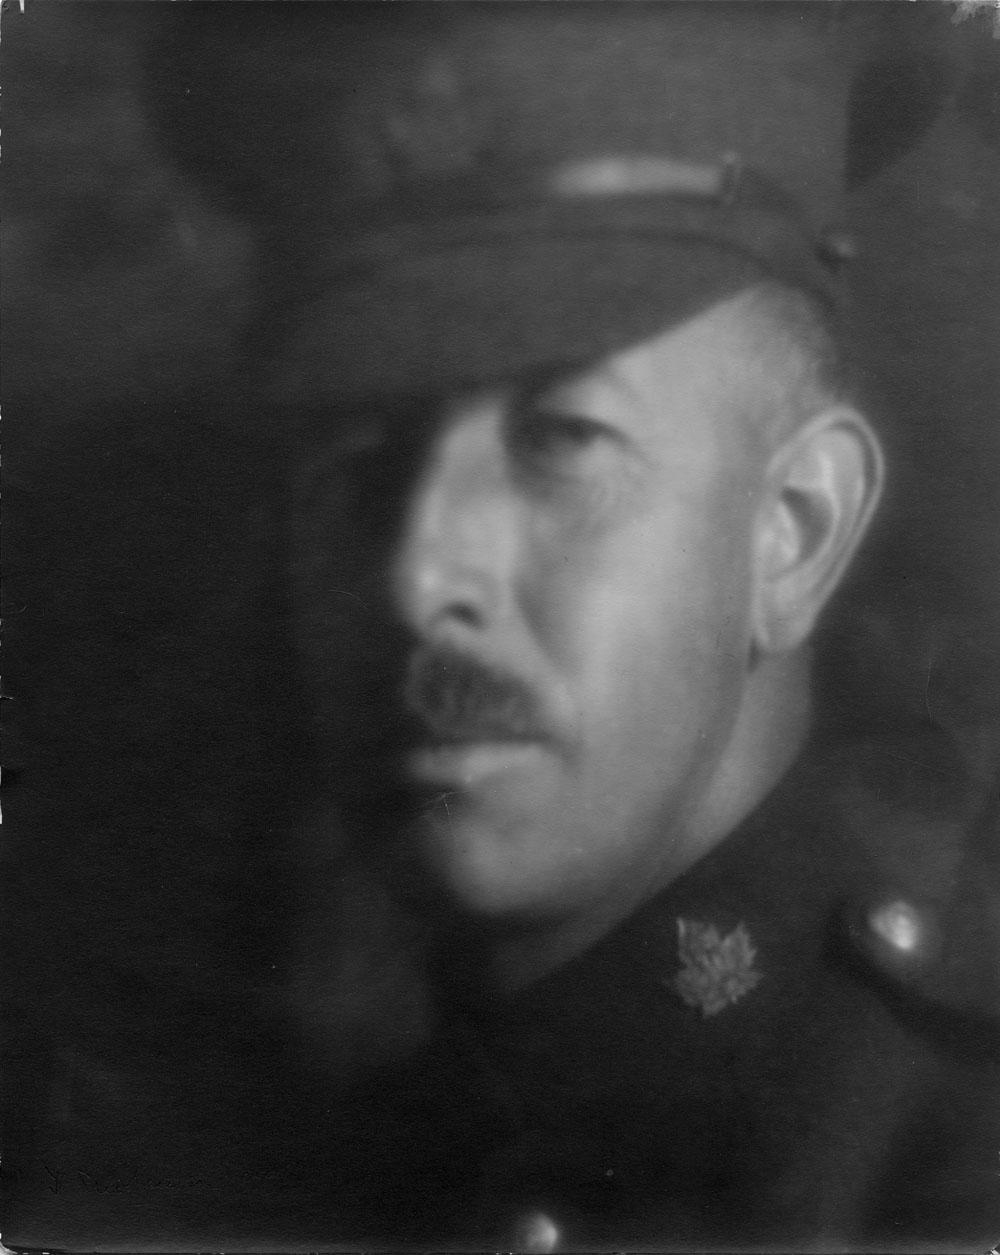 Photo noir et blanc d'un homme en uniforme militaire.